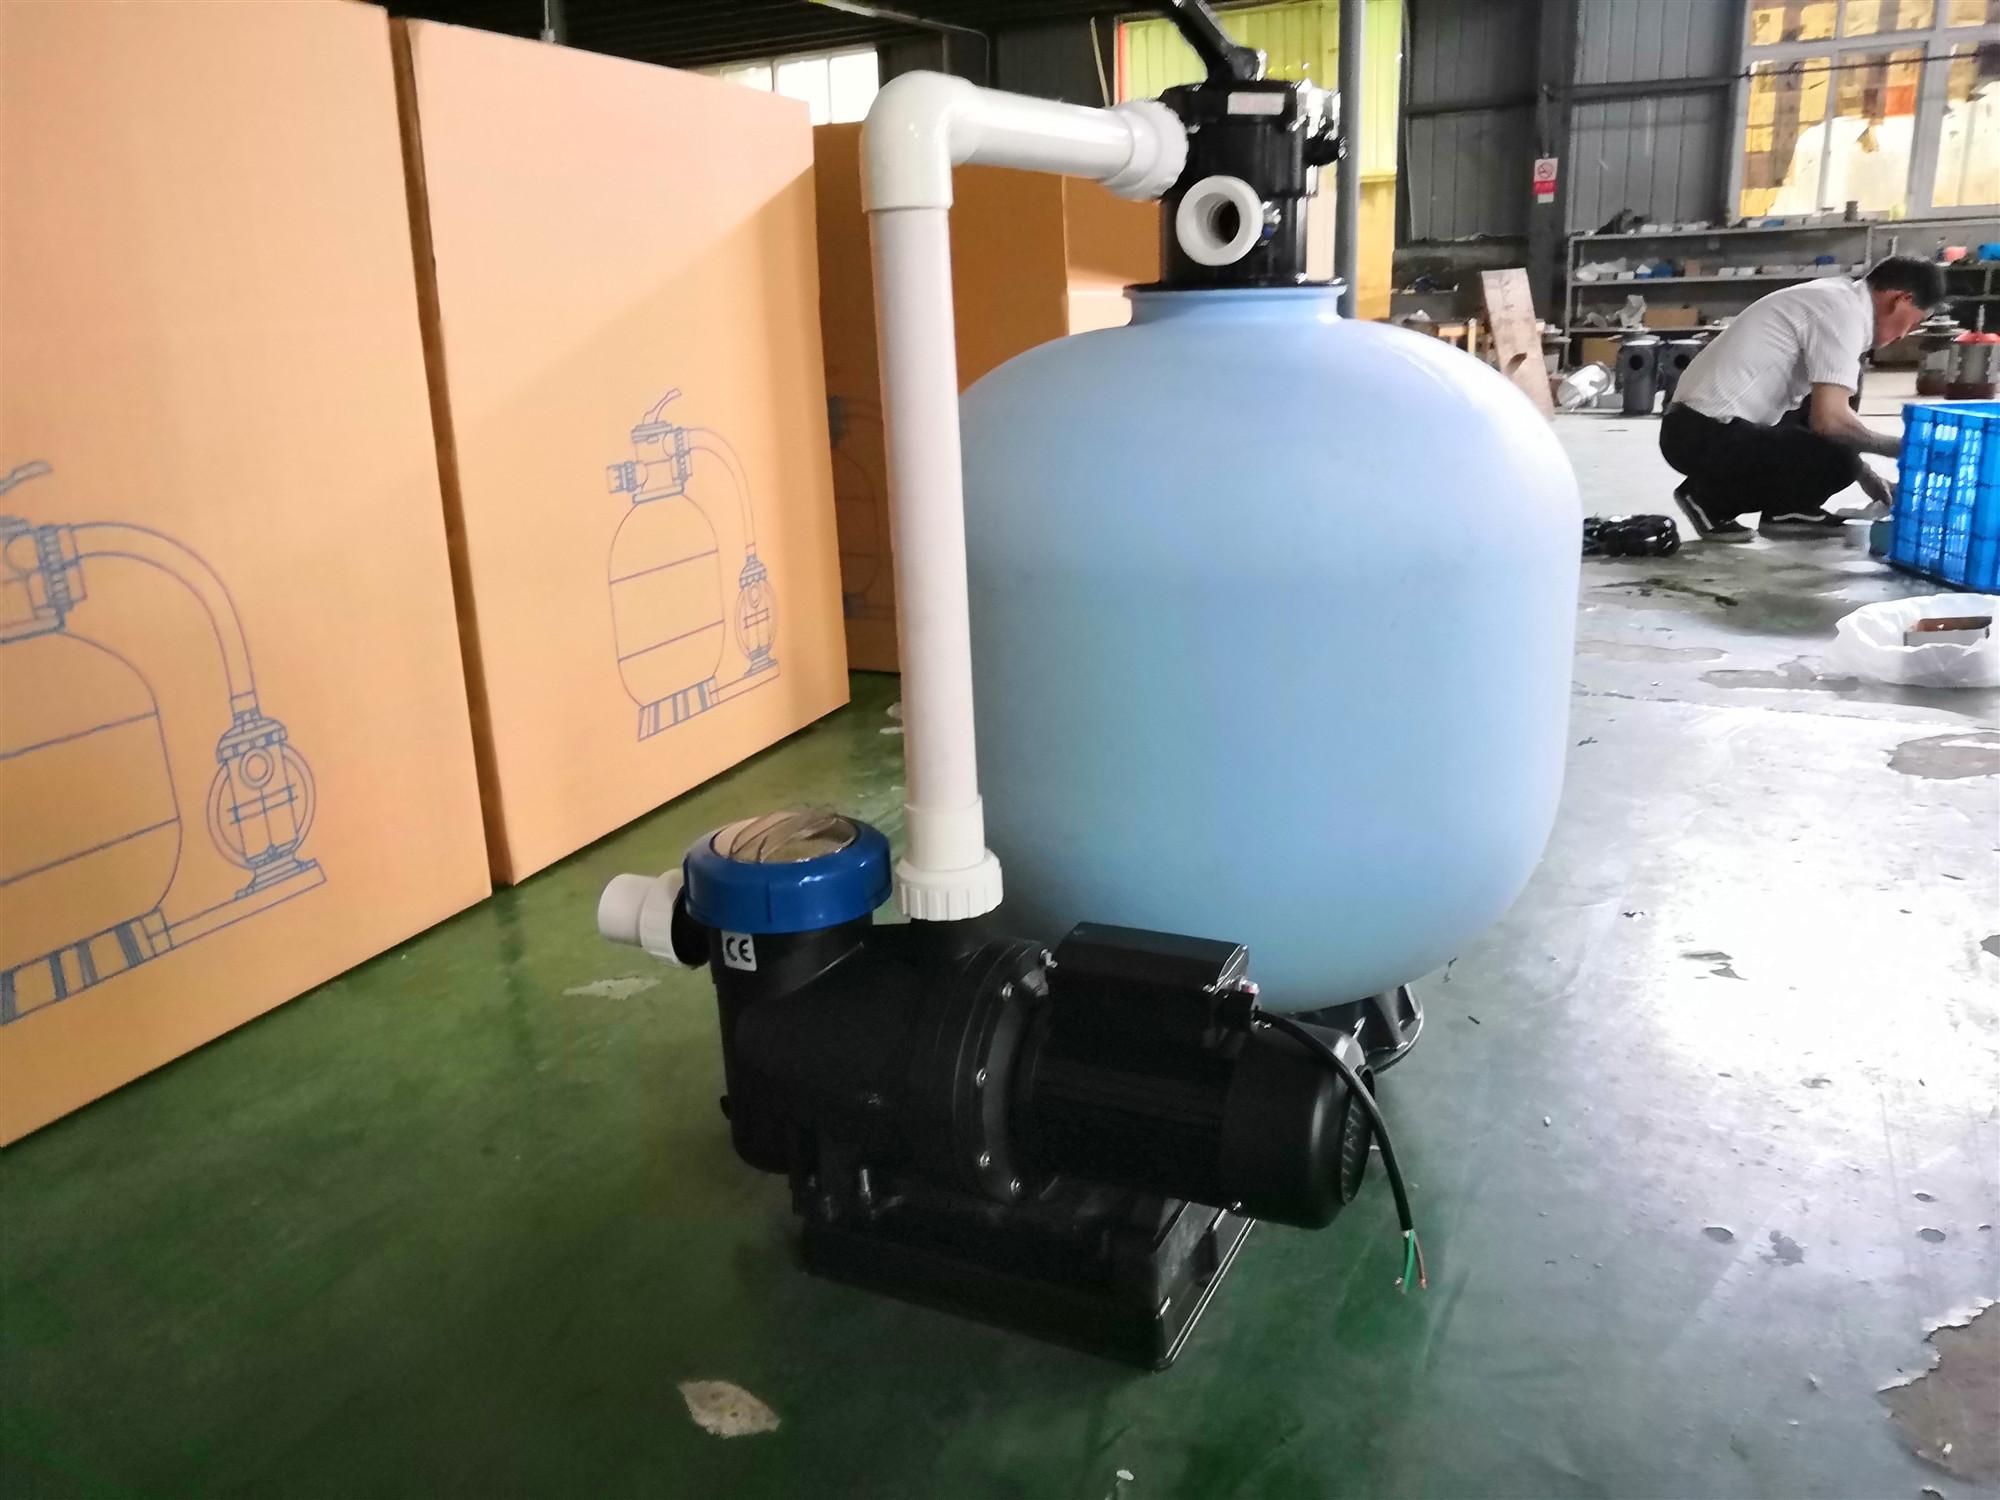 Bocal do filtro de areia/areia filtro para irrigação/aquicultura filtro de areia